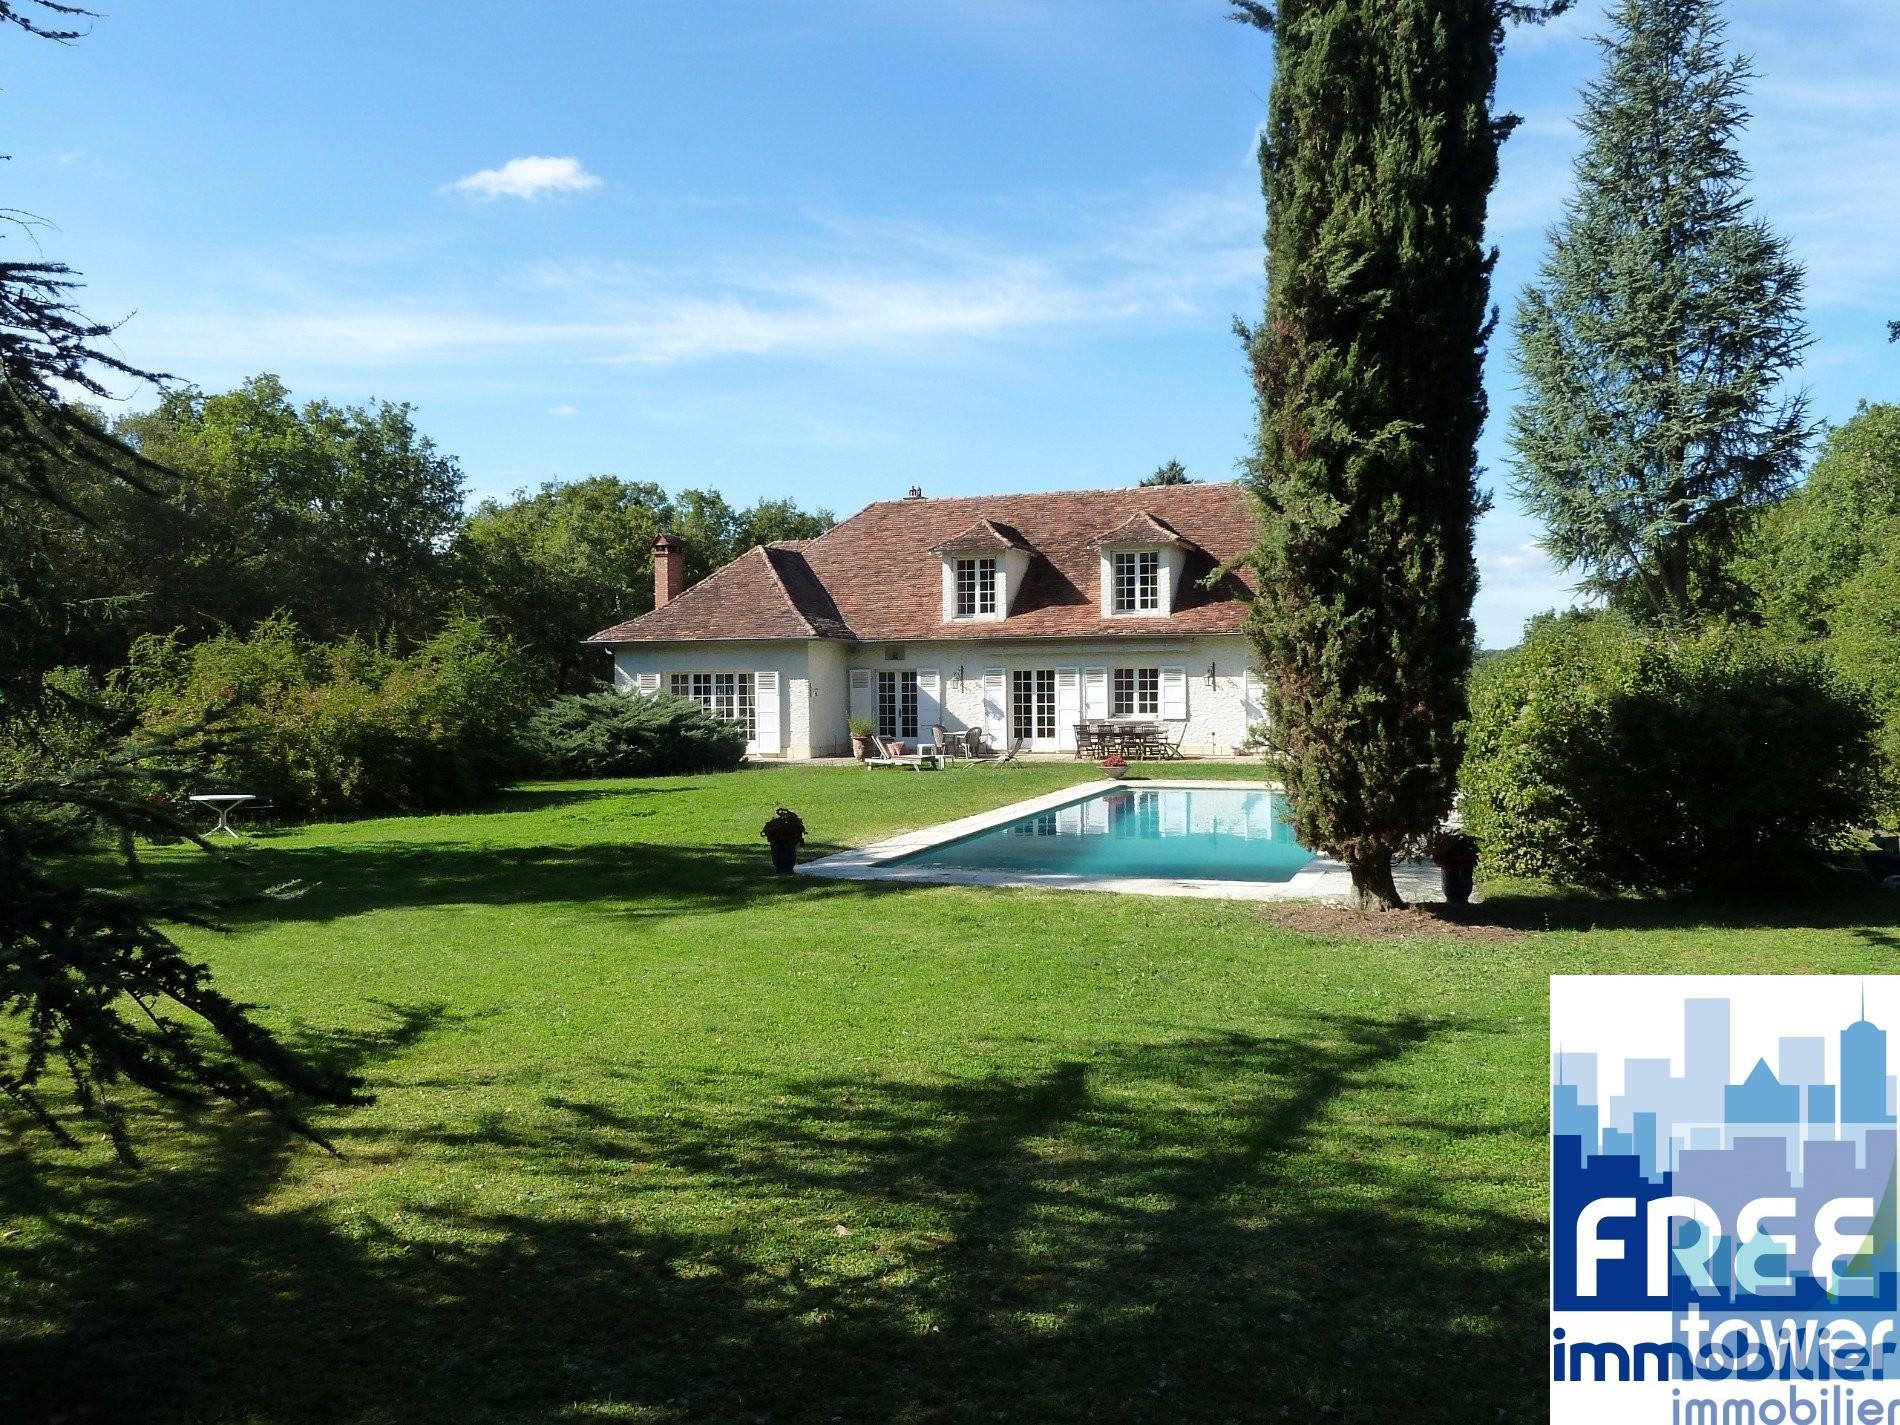 Annonce vente maison villefranche de rouergue 12200 294 m 370 000 992739946210 for Asilo masi maison de charme